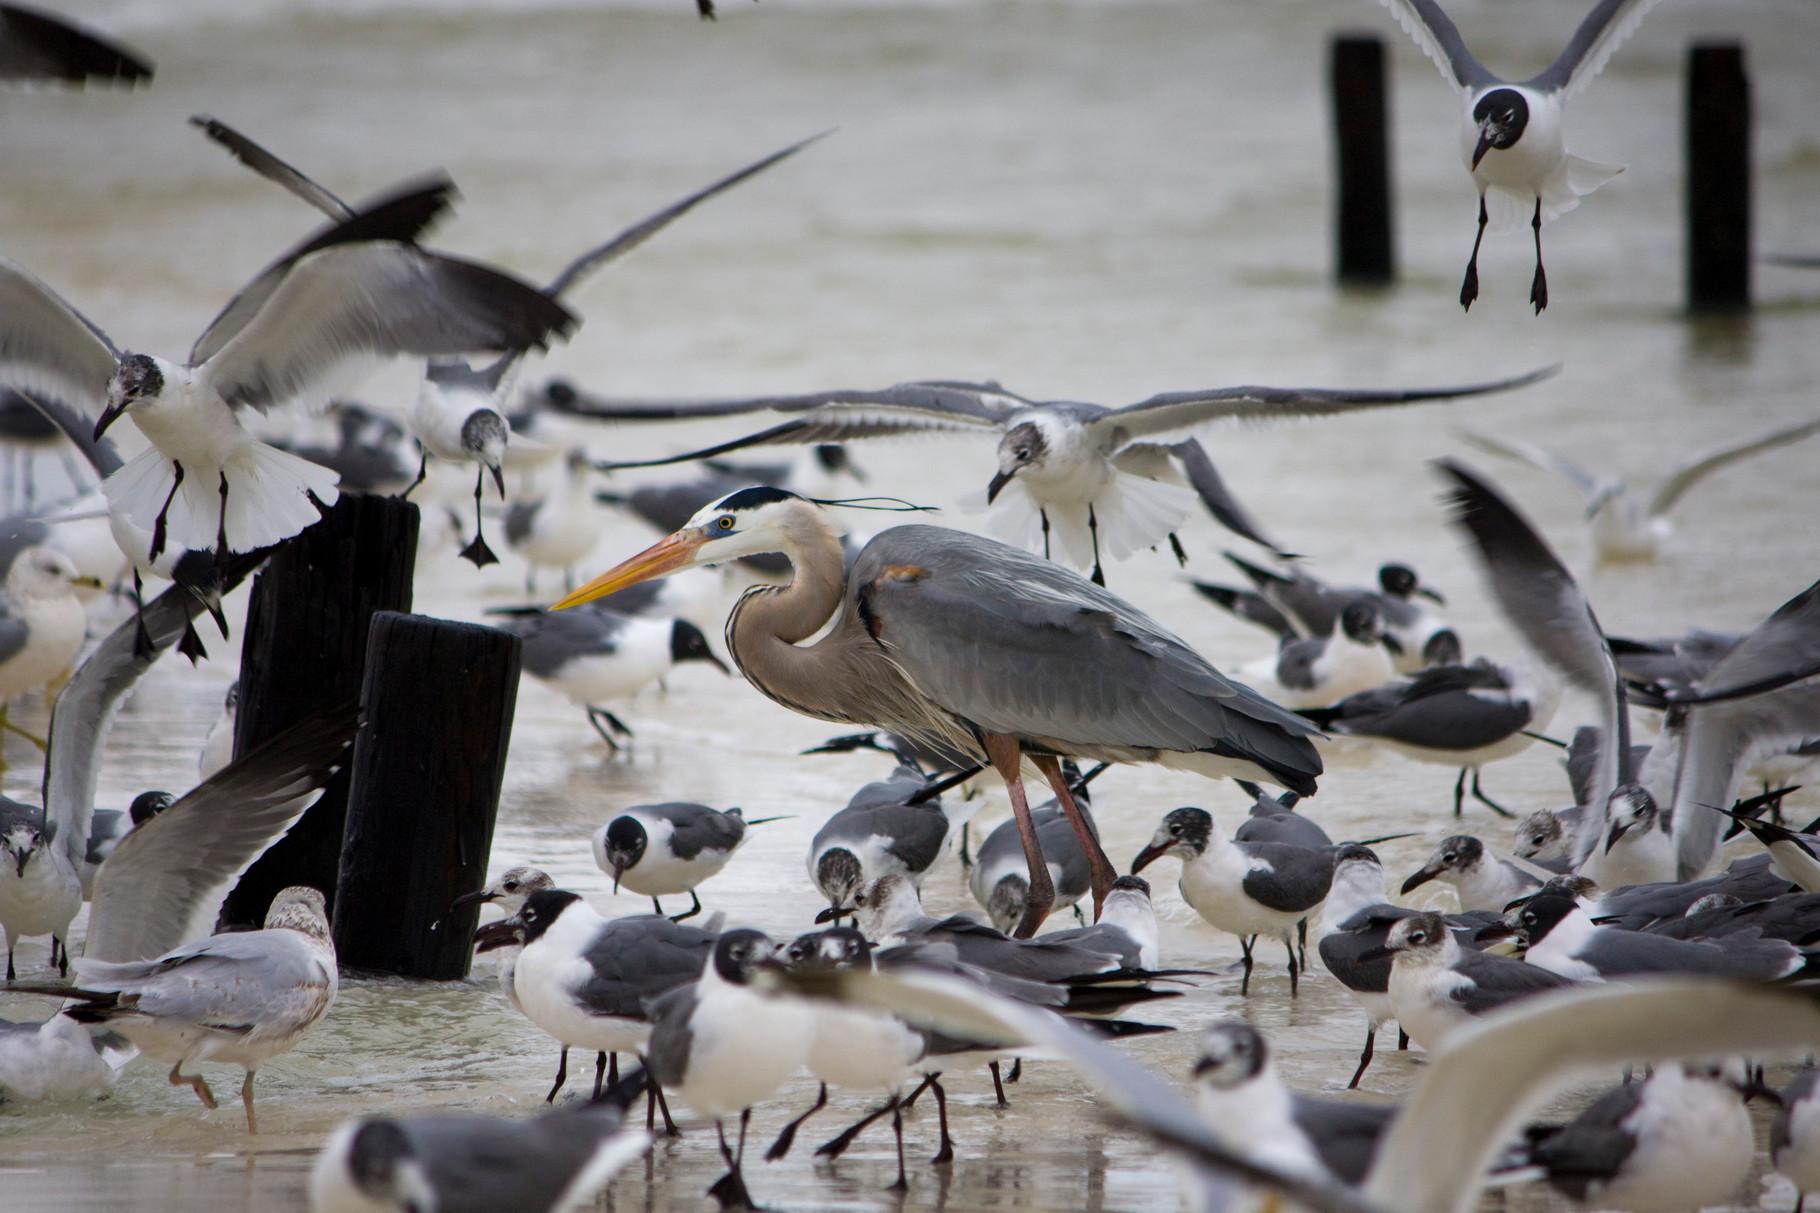 02_Möwen (gulls) umringen einen Graureiher (great blue heron) in Fort Walton Beach in Florida